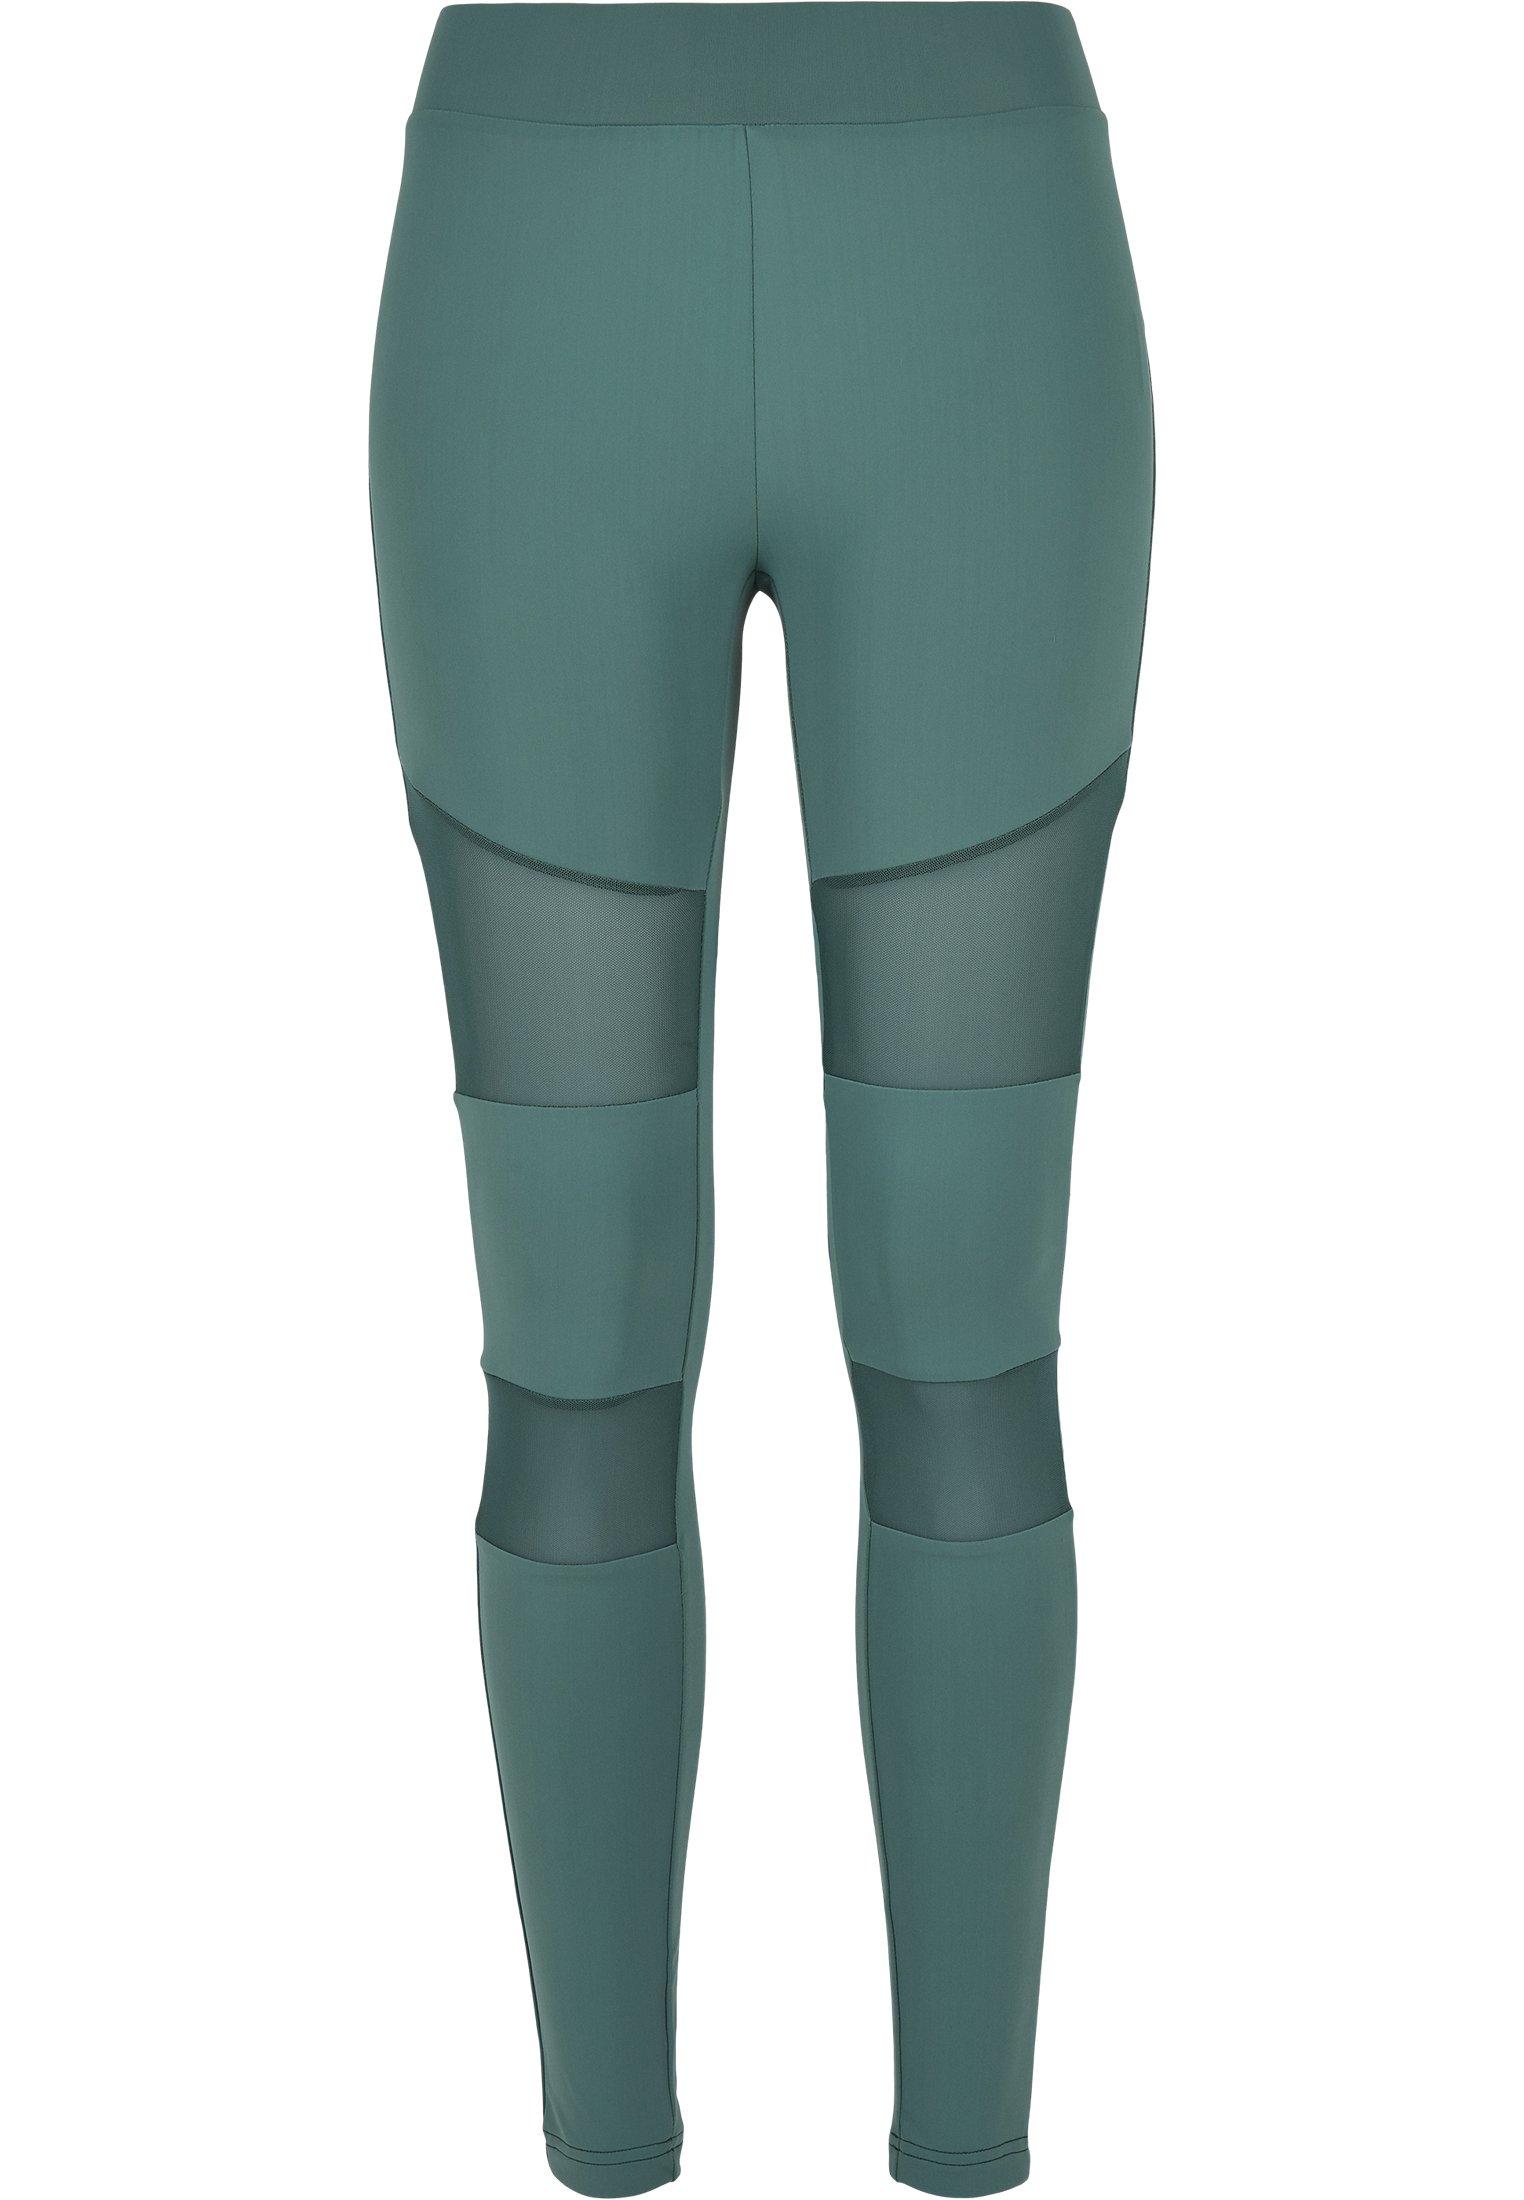 Damen TECH - Leggings - Hosen